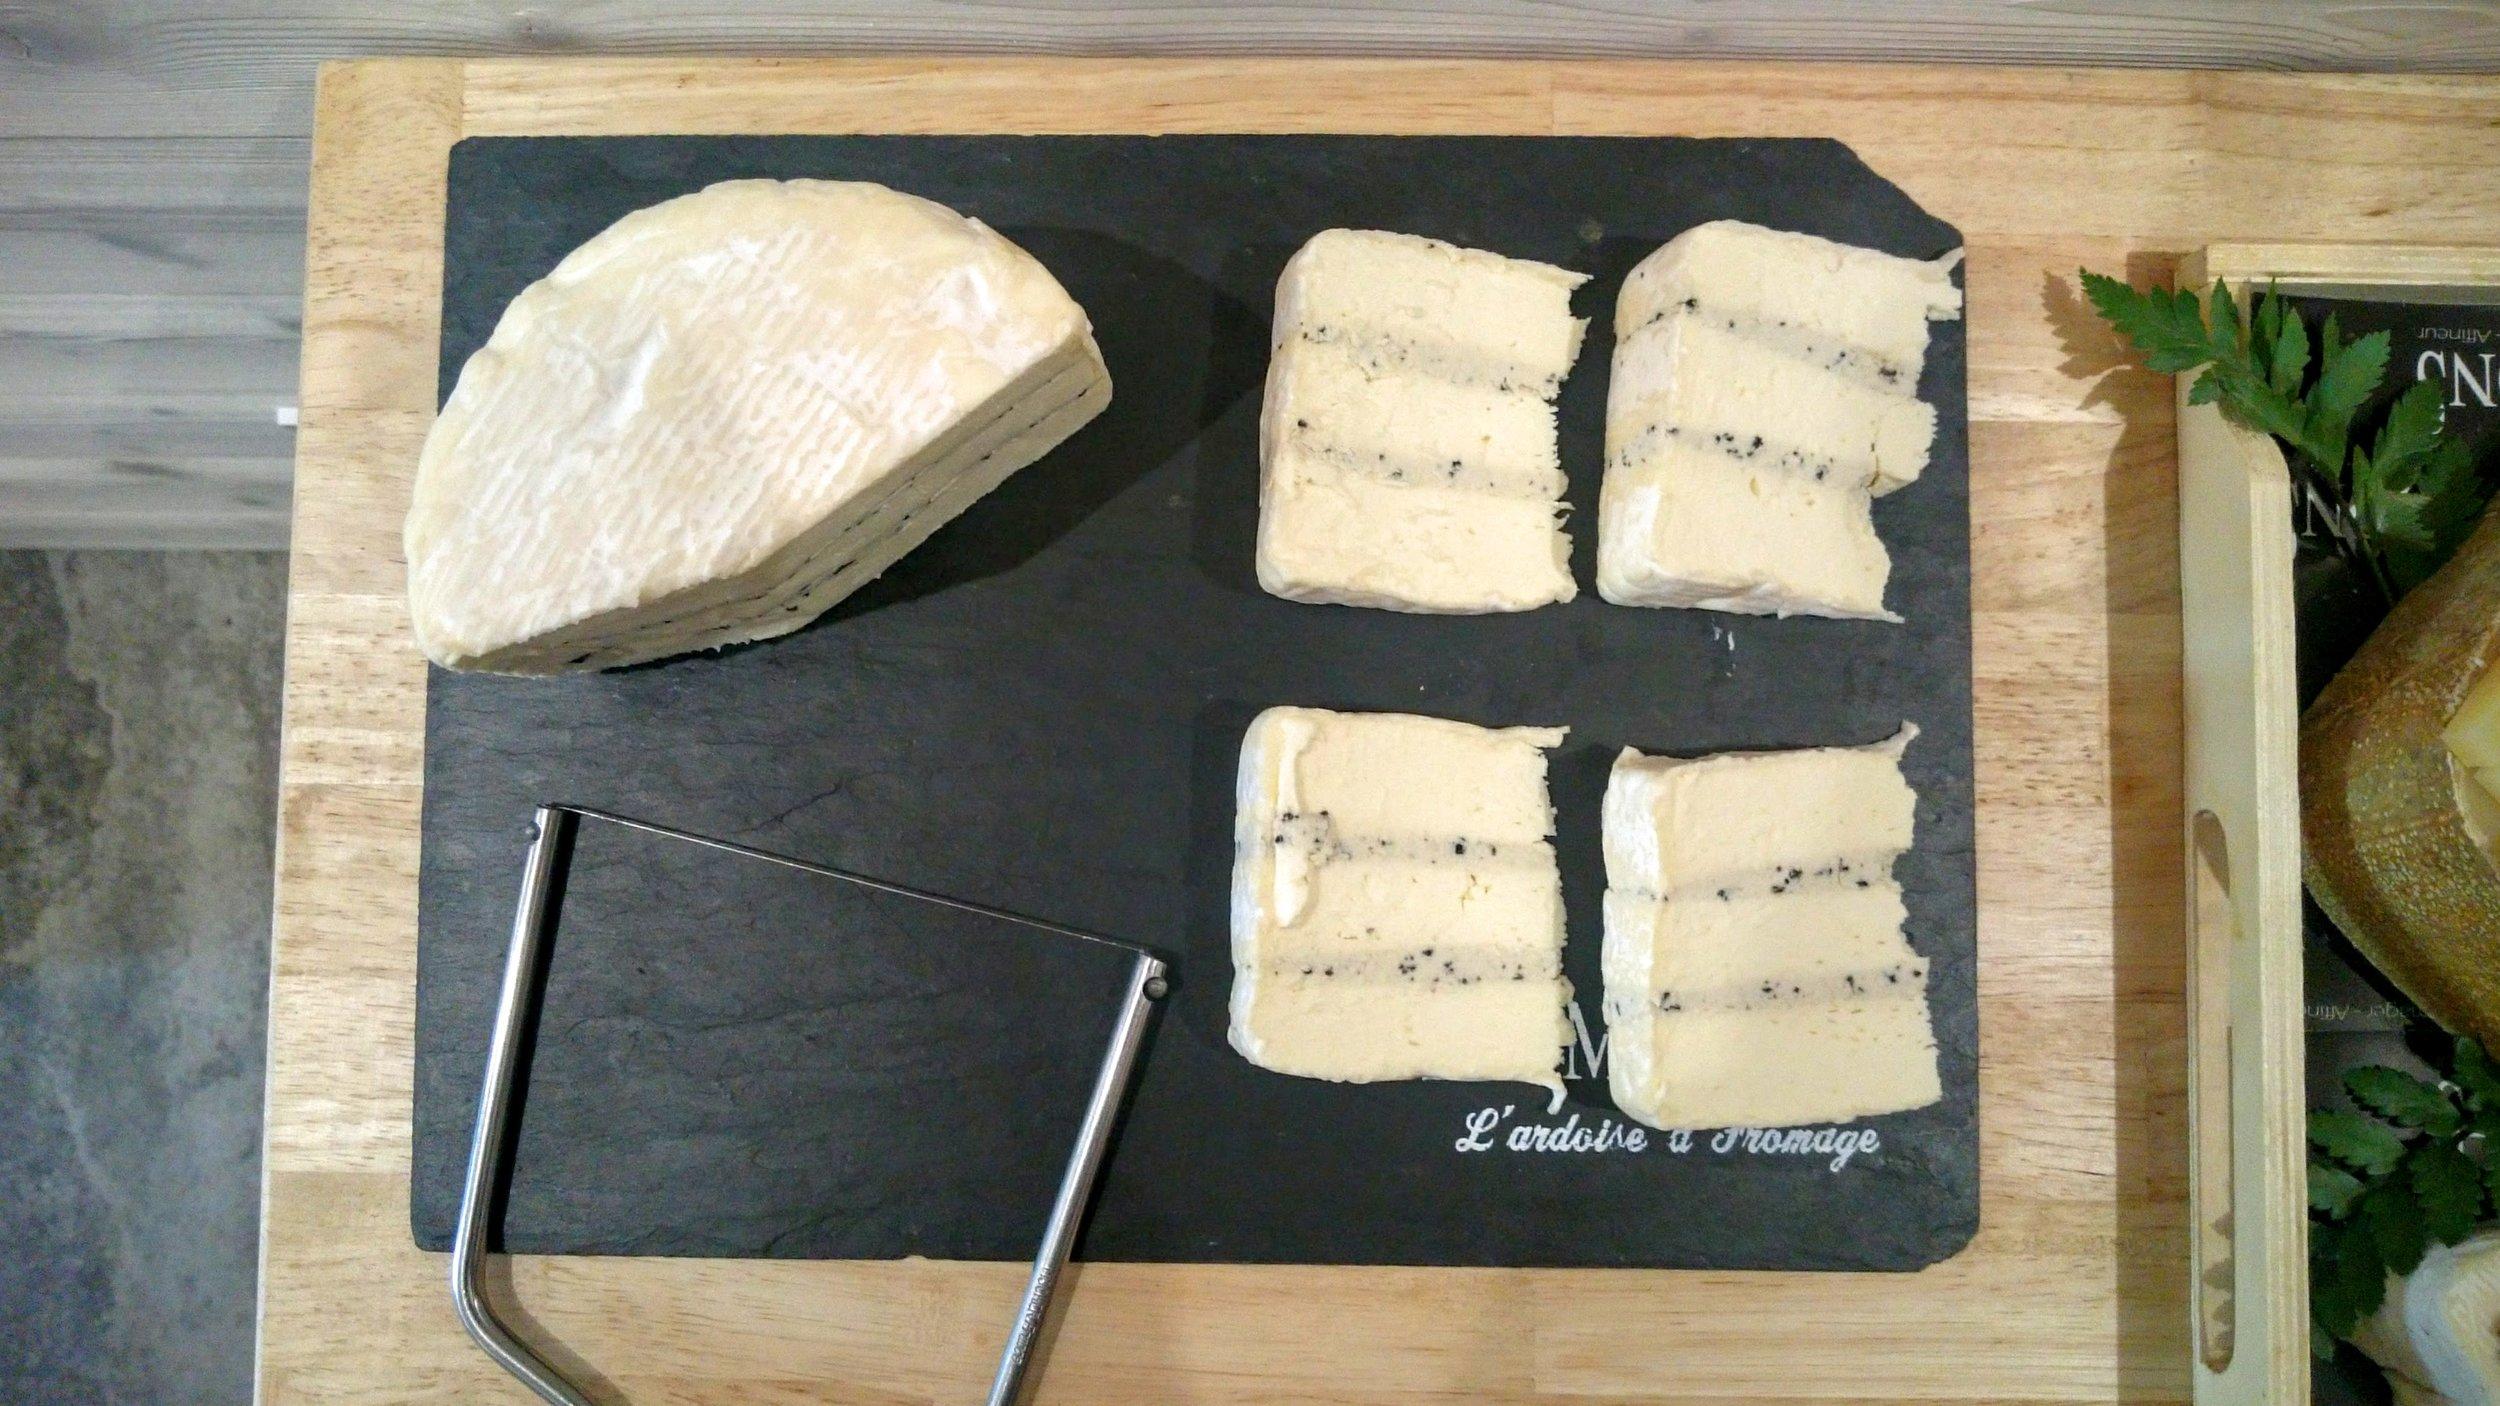 Le gourmand : un Brillat-Savarin (triple-crème) avec une crème de truffes !